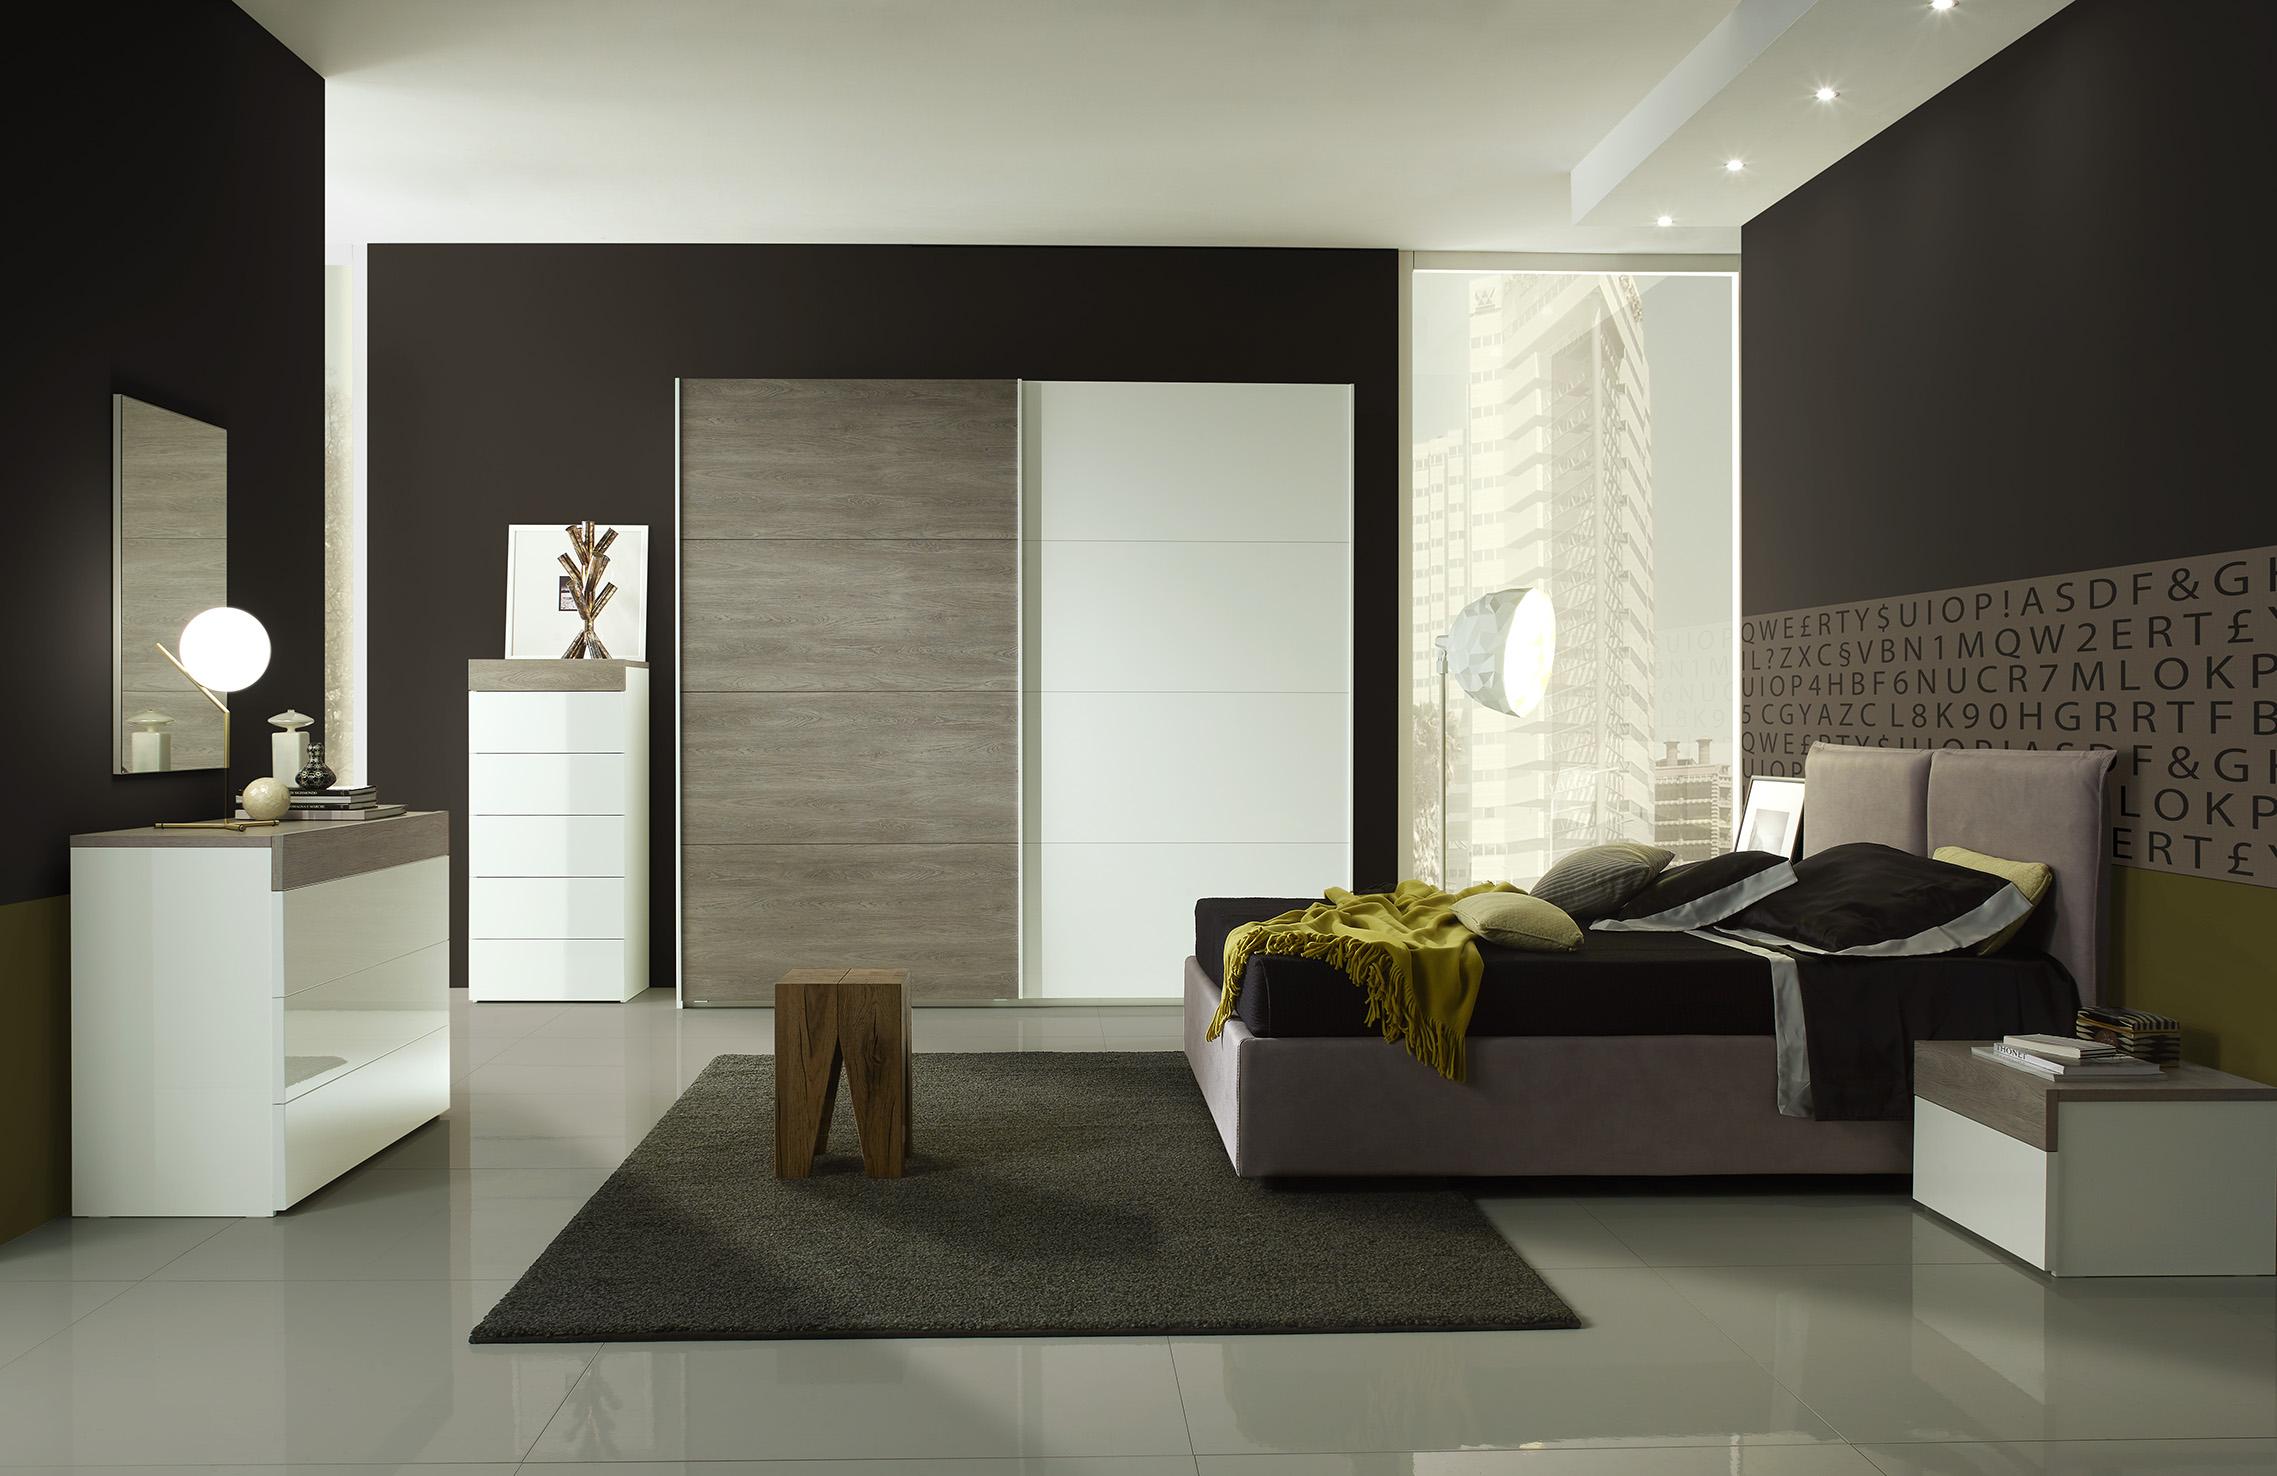 Schlafzimmer Set Gessy in Modern Design